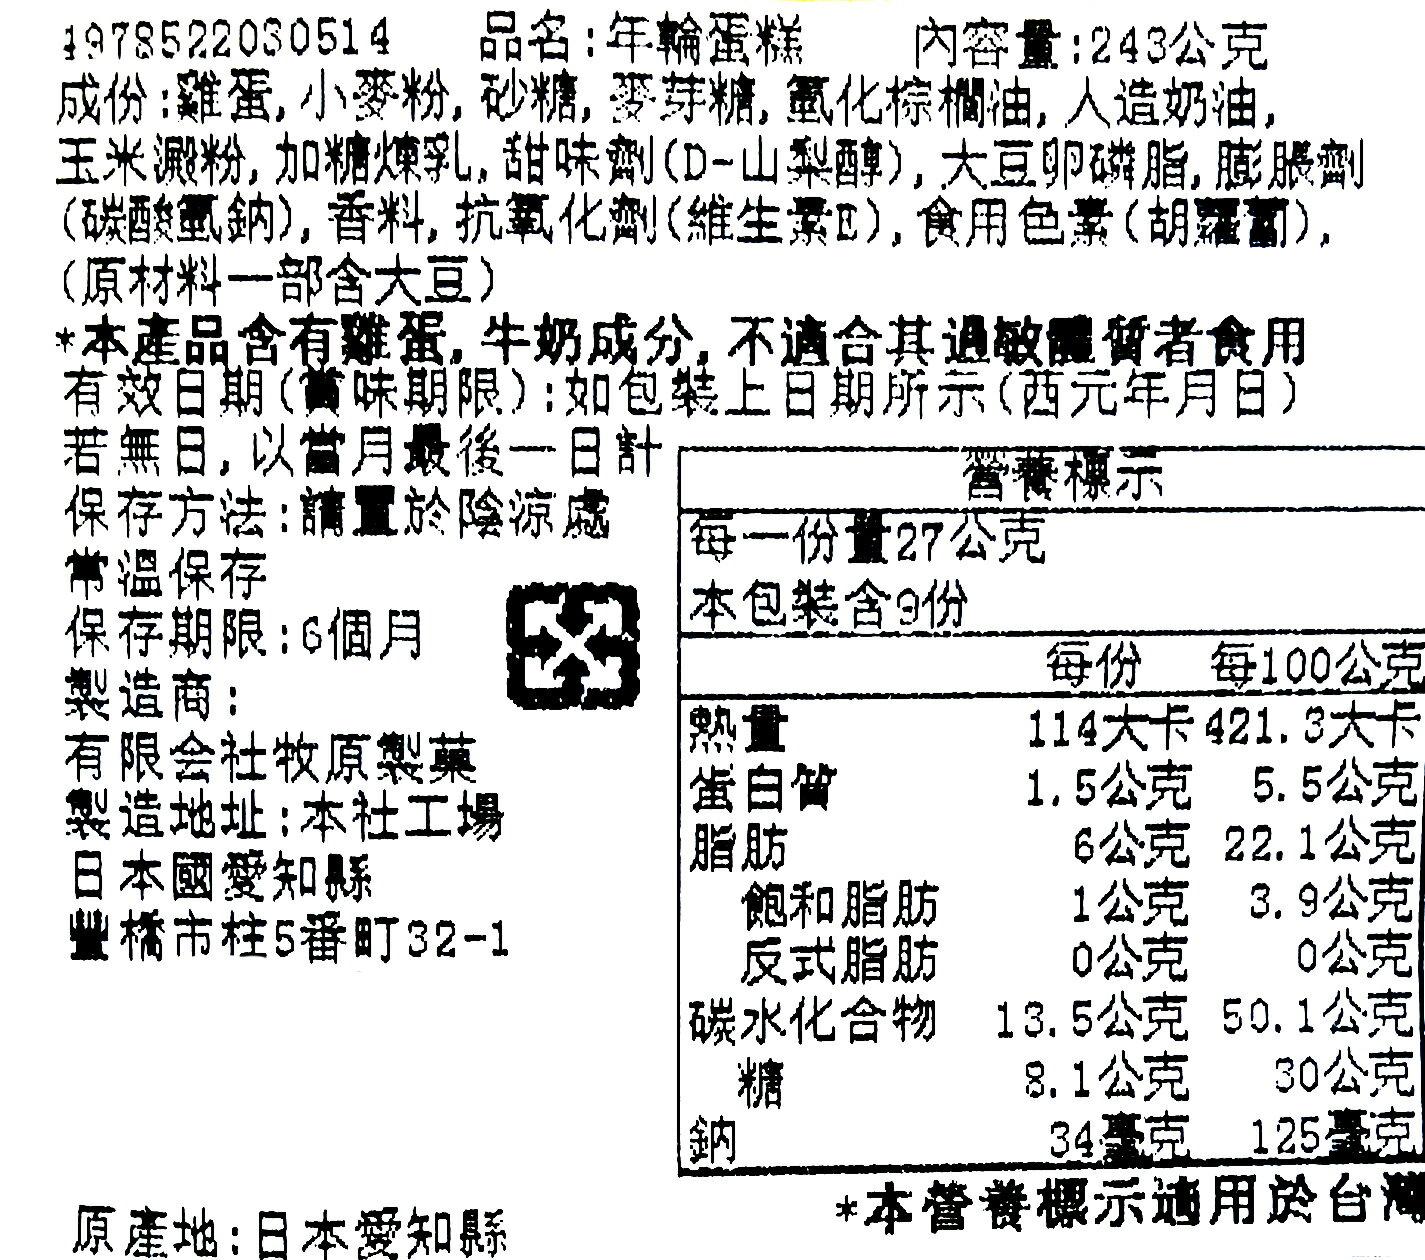 《Chara 微百貨》 日本 牧原 製菓 厚切 牛奶 迷你 年輪 蛋糕 9入 243g 團購 批發 4